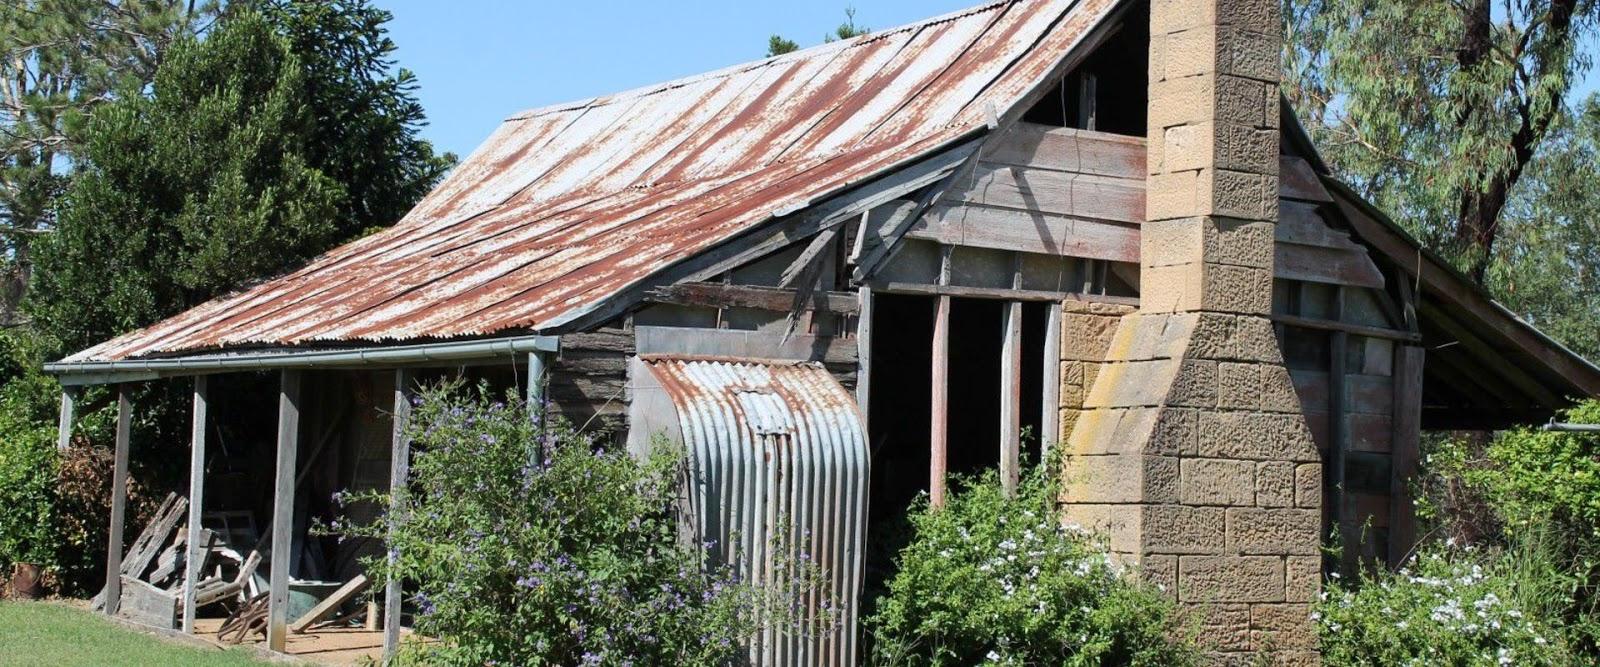 Australian Archaeology: Restoration Australia Season 2